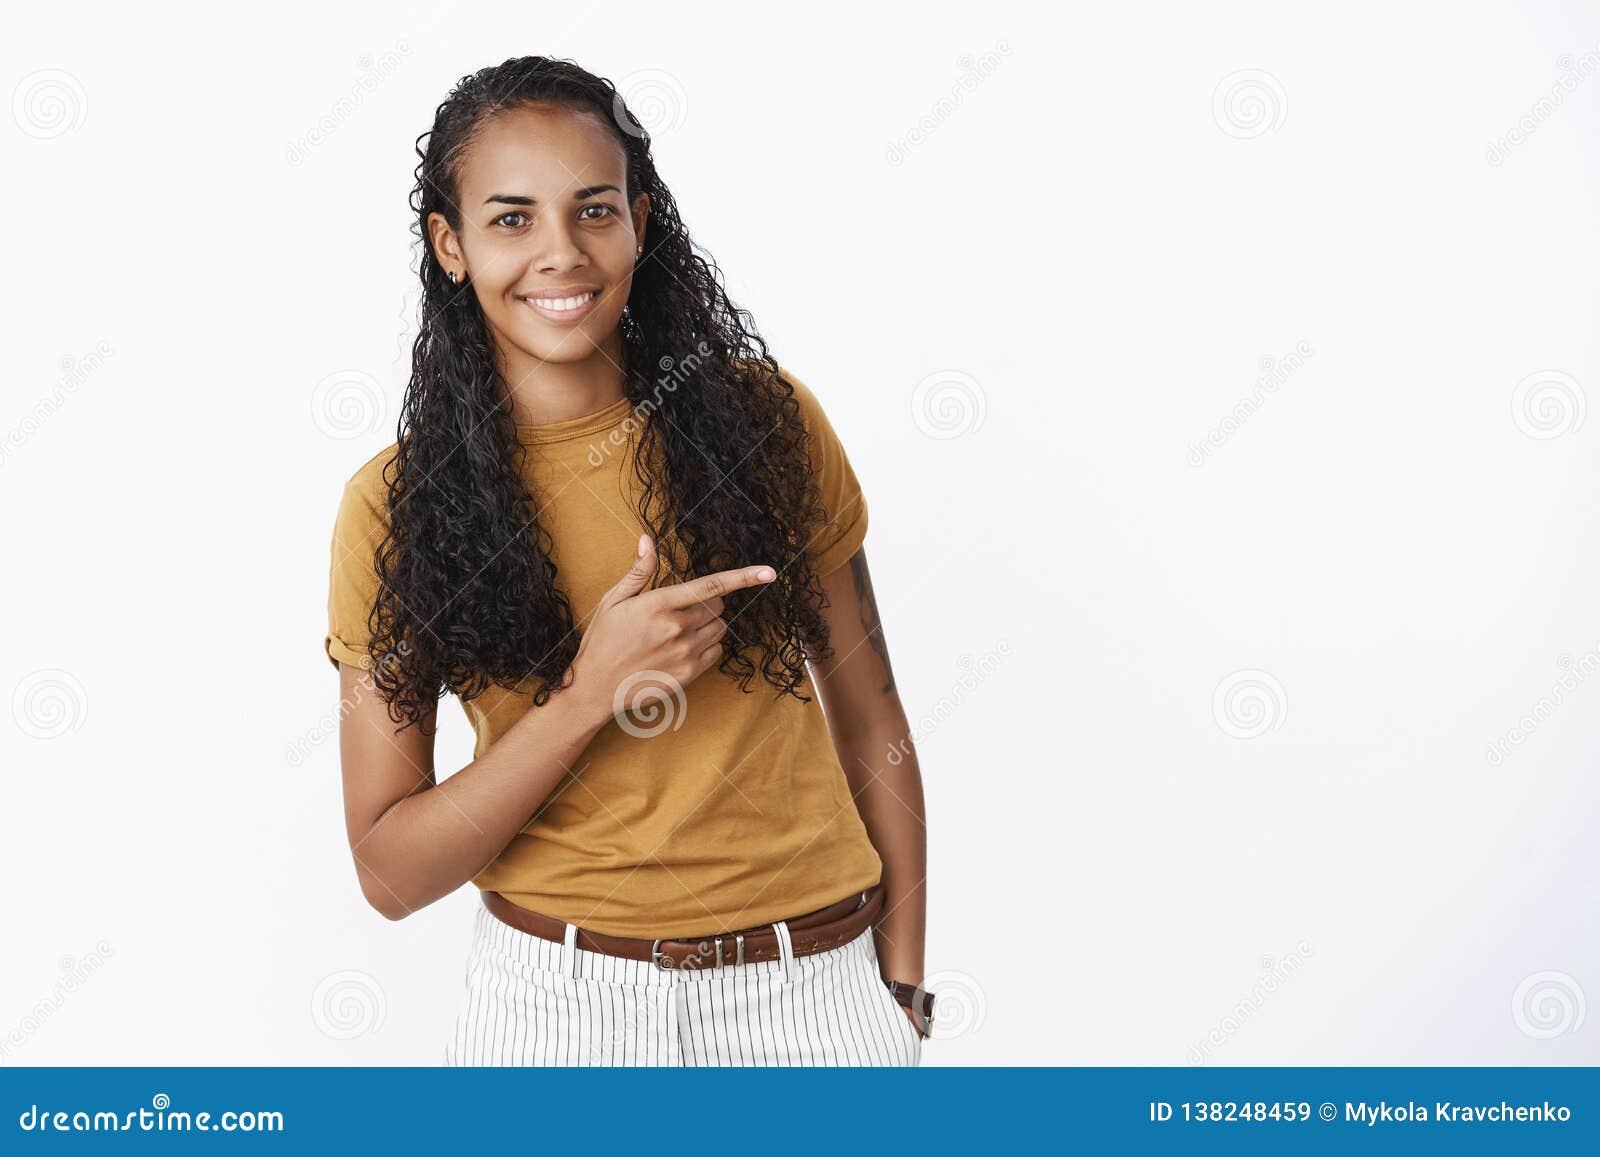 Studioschot van schuwe en leuke vrij jonge Afrikaanse Amerikaanse vrouw met lang krullend haar die zoals net richtend met buigen